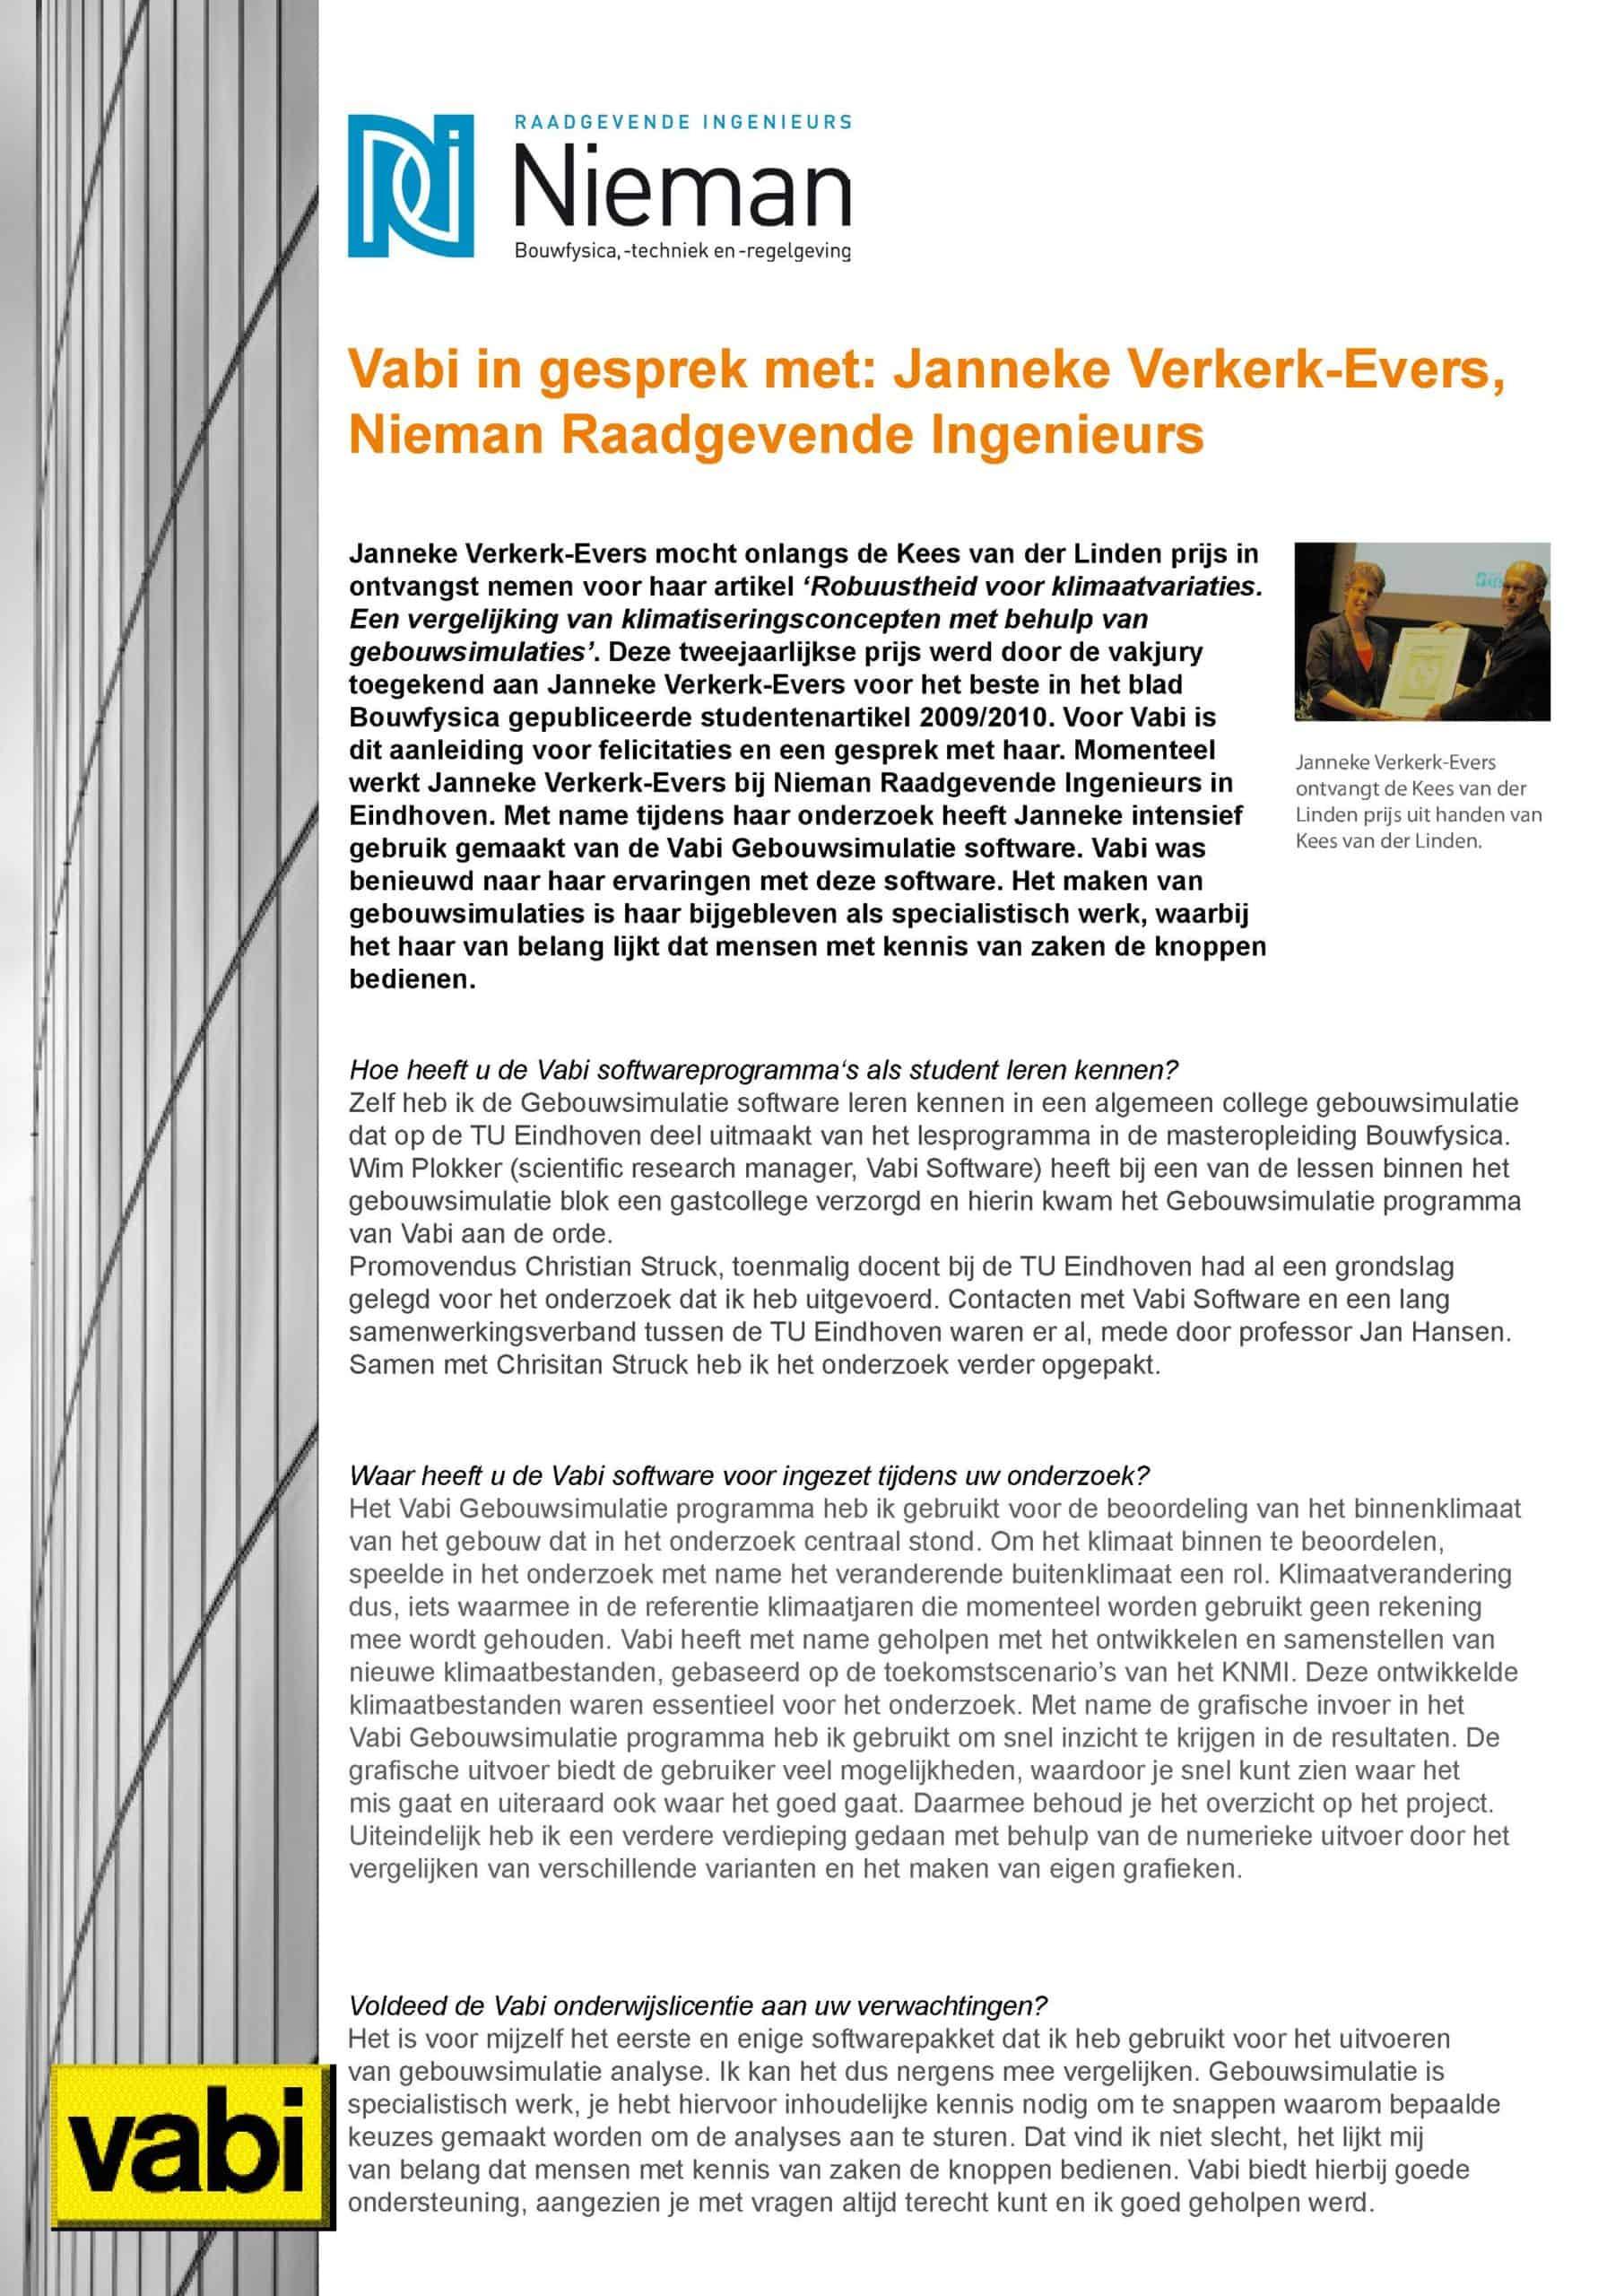 VabiElements_2011-10_Interview met Janneke Verkerk-Evers